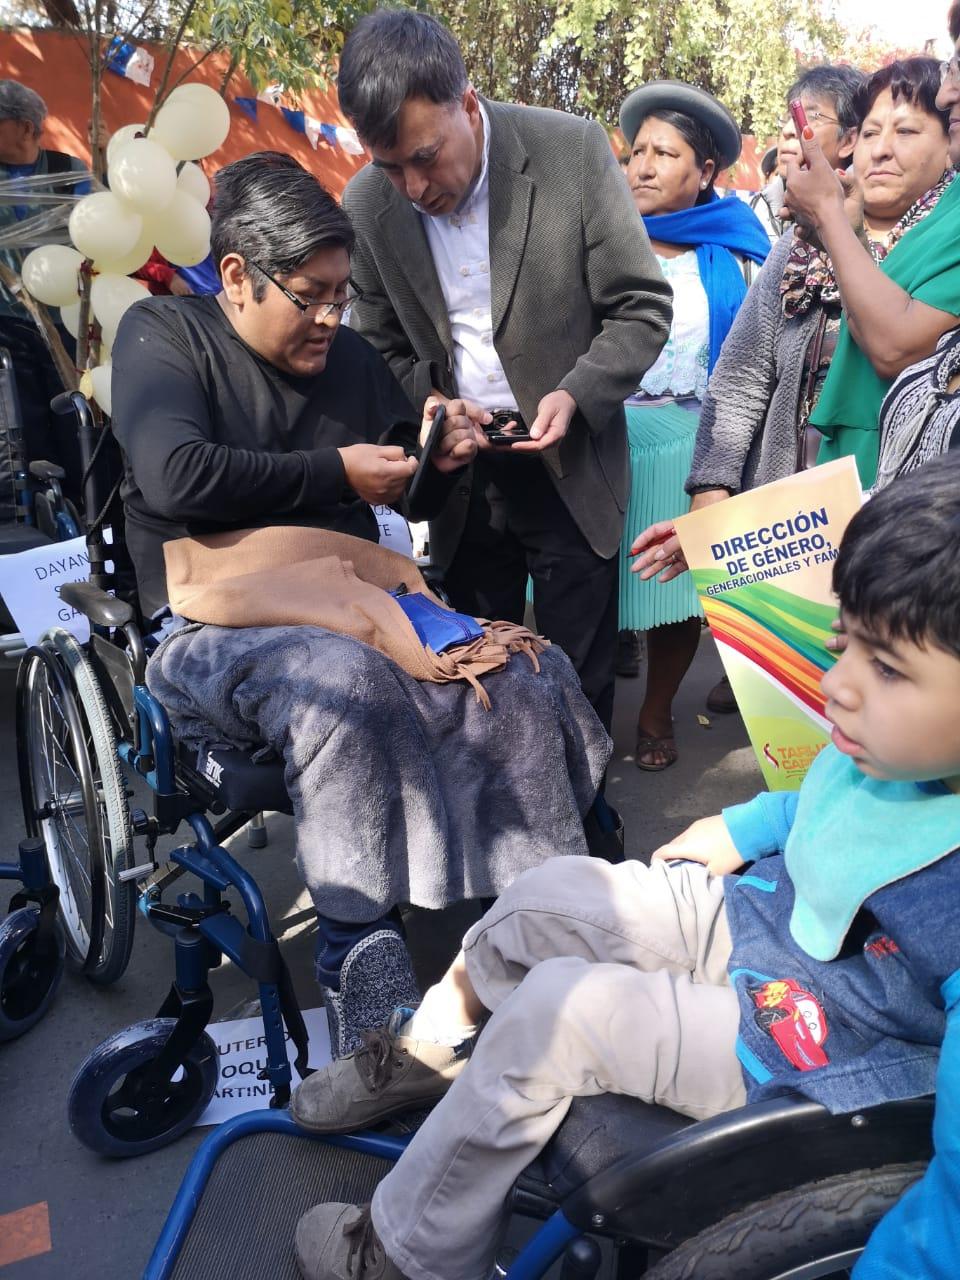 Entrega_de_movilidades_y_equipamiento_a_personas_ciegas_en_Tarija_4.jpg